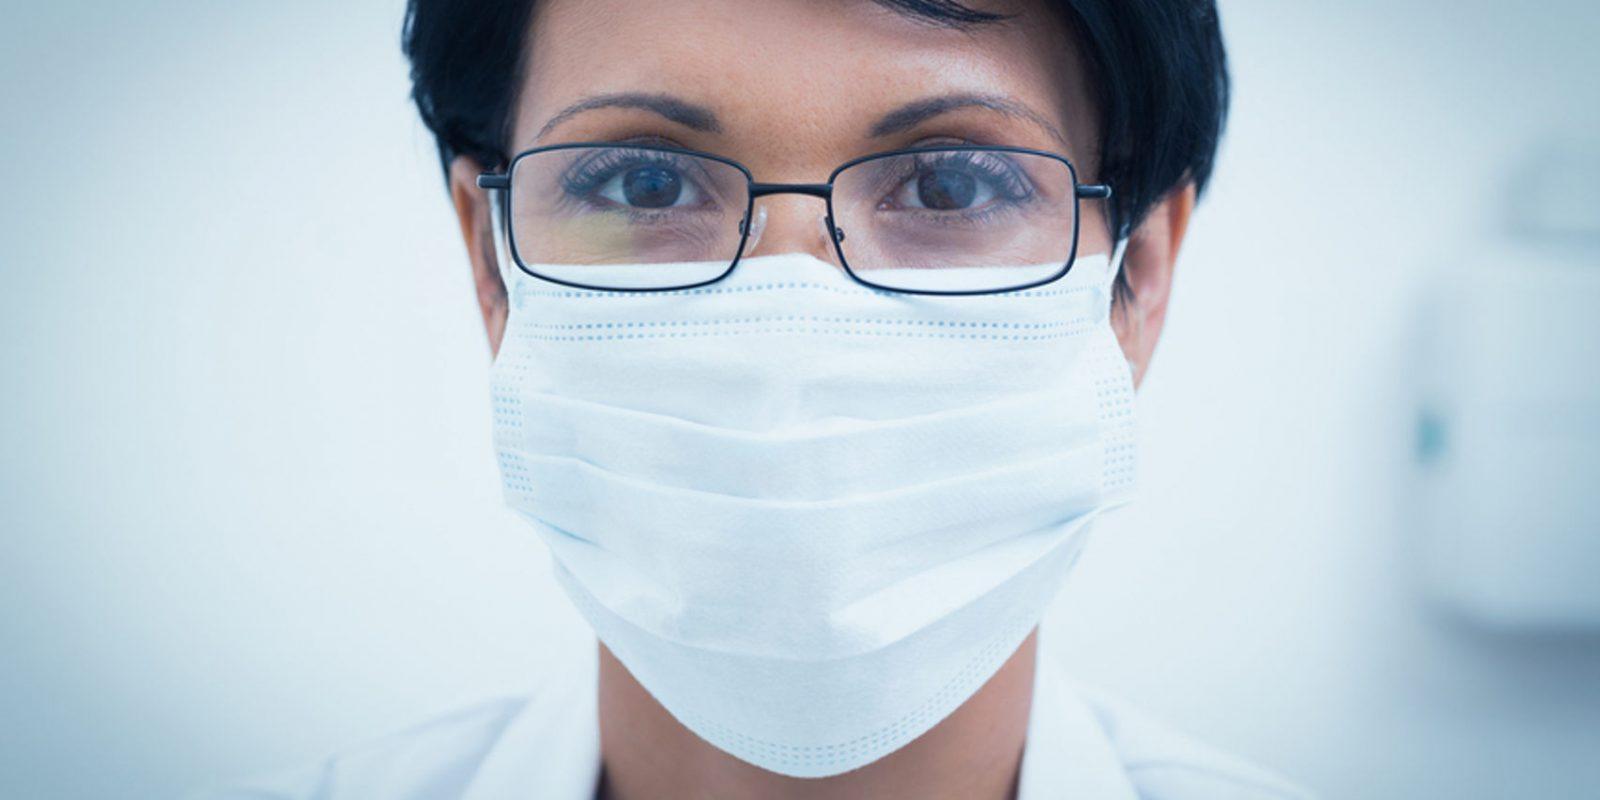 Beschlagene Brille durch Masken